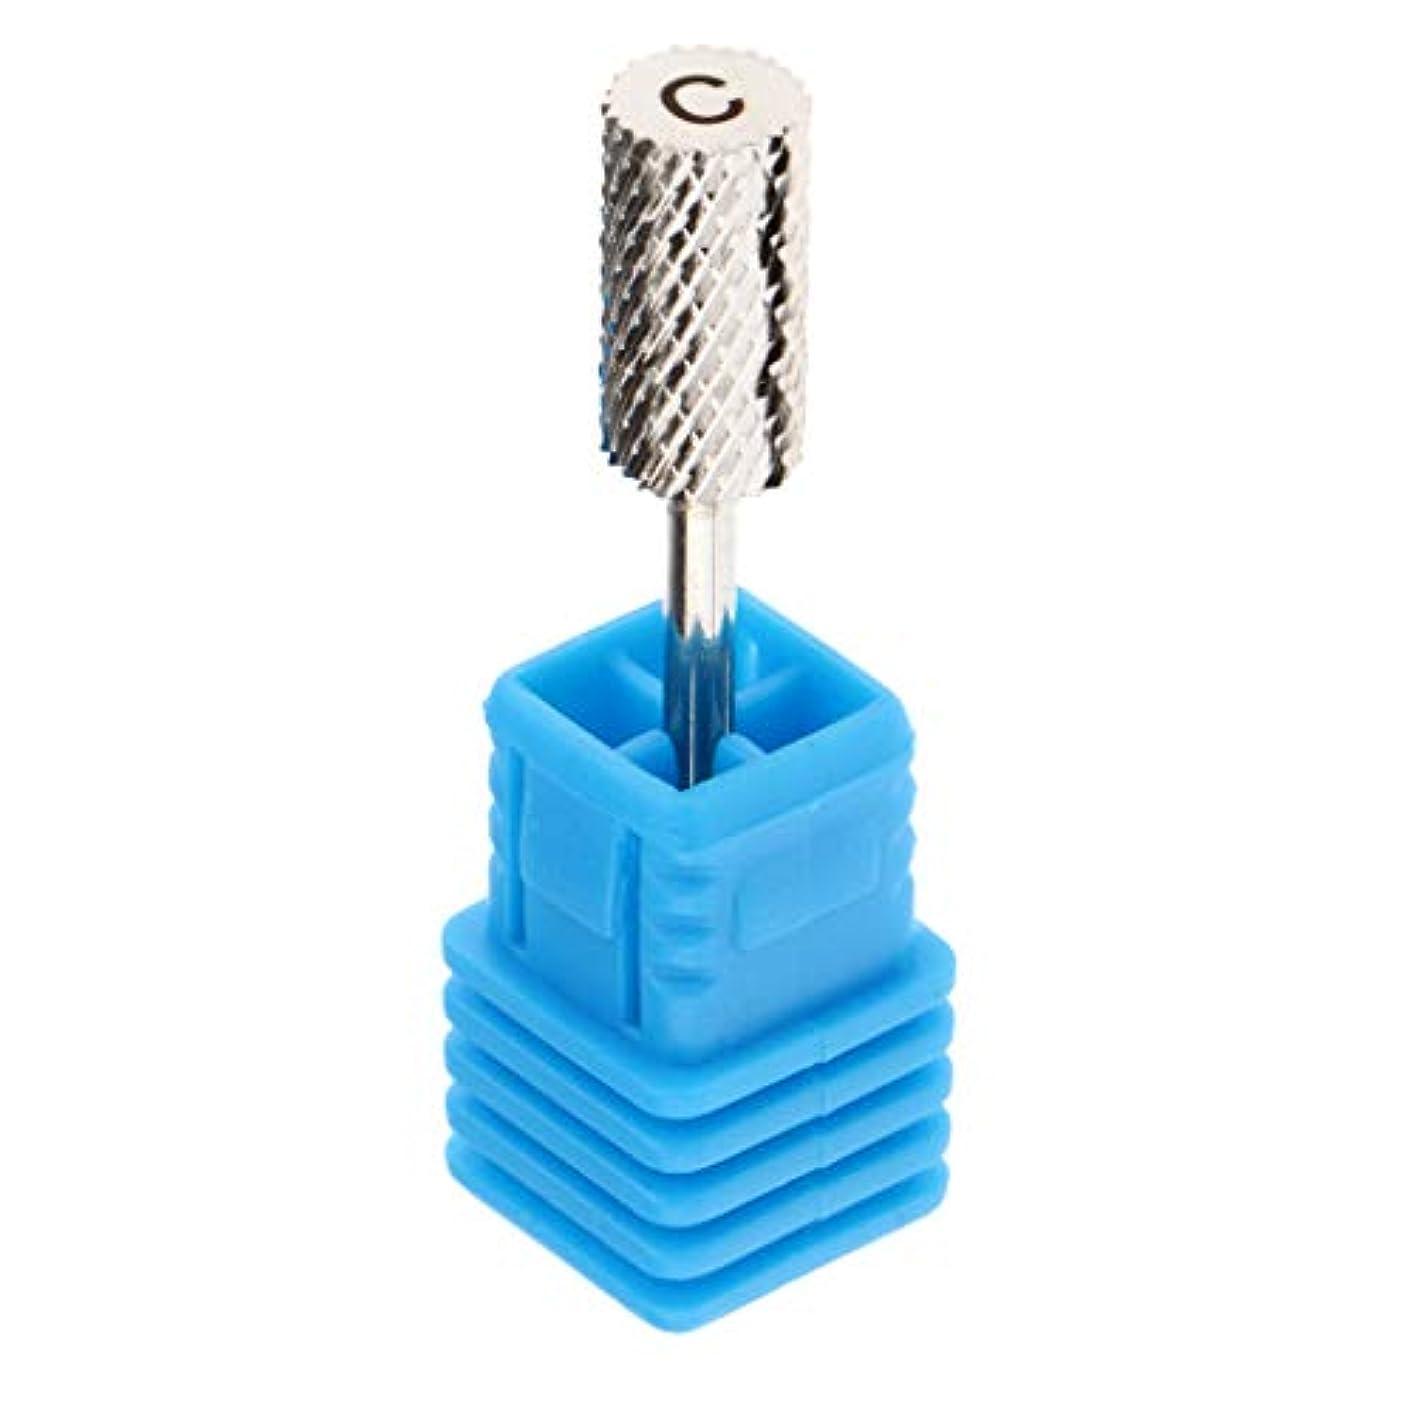 マオリベリブロッサムT TOOYFUL 専門の釘の穴あけ工具 磨くキューティクル 取り外しの穴あけ工具 全6タイプ - 03